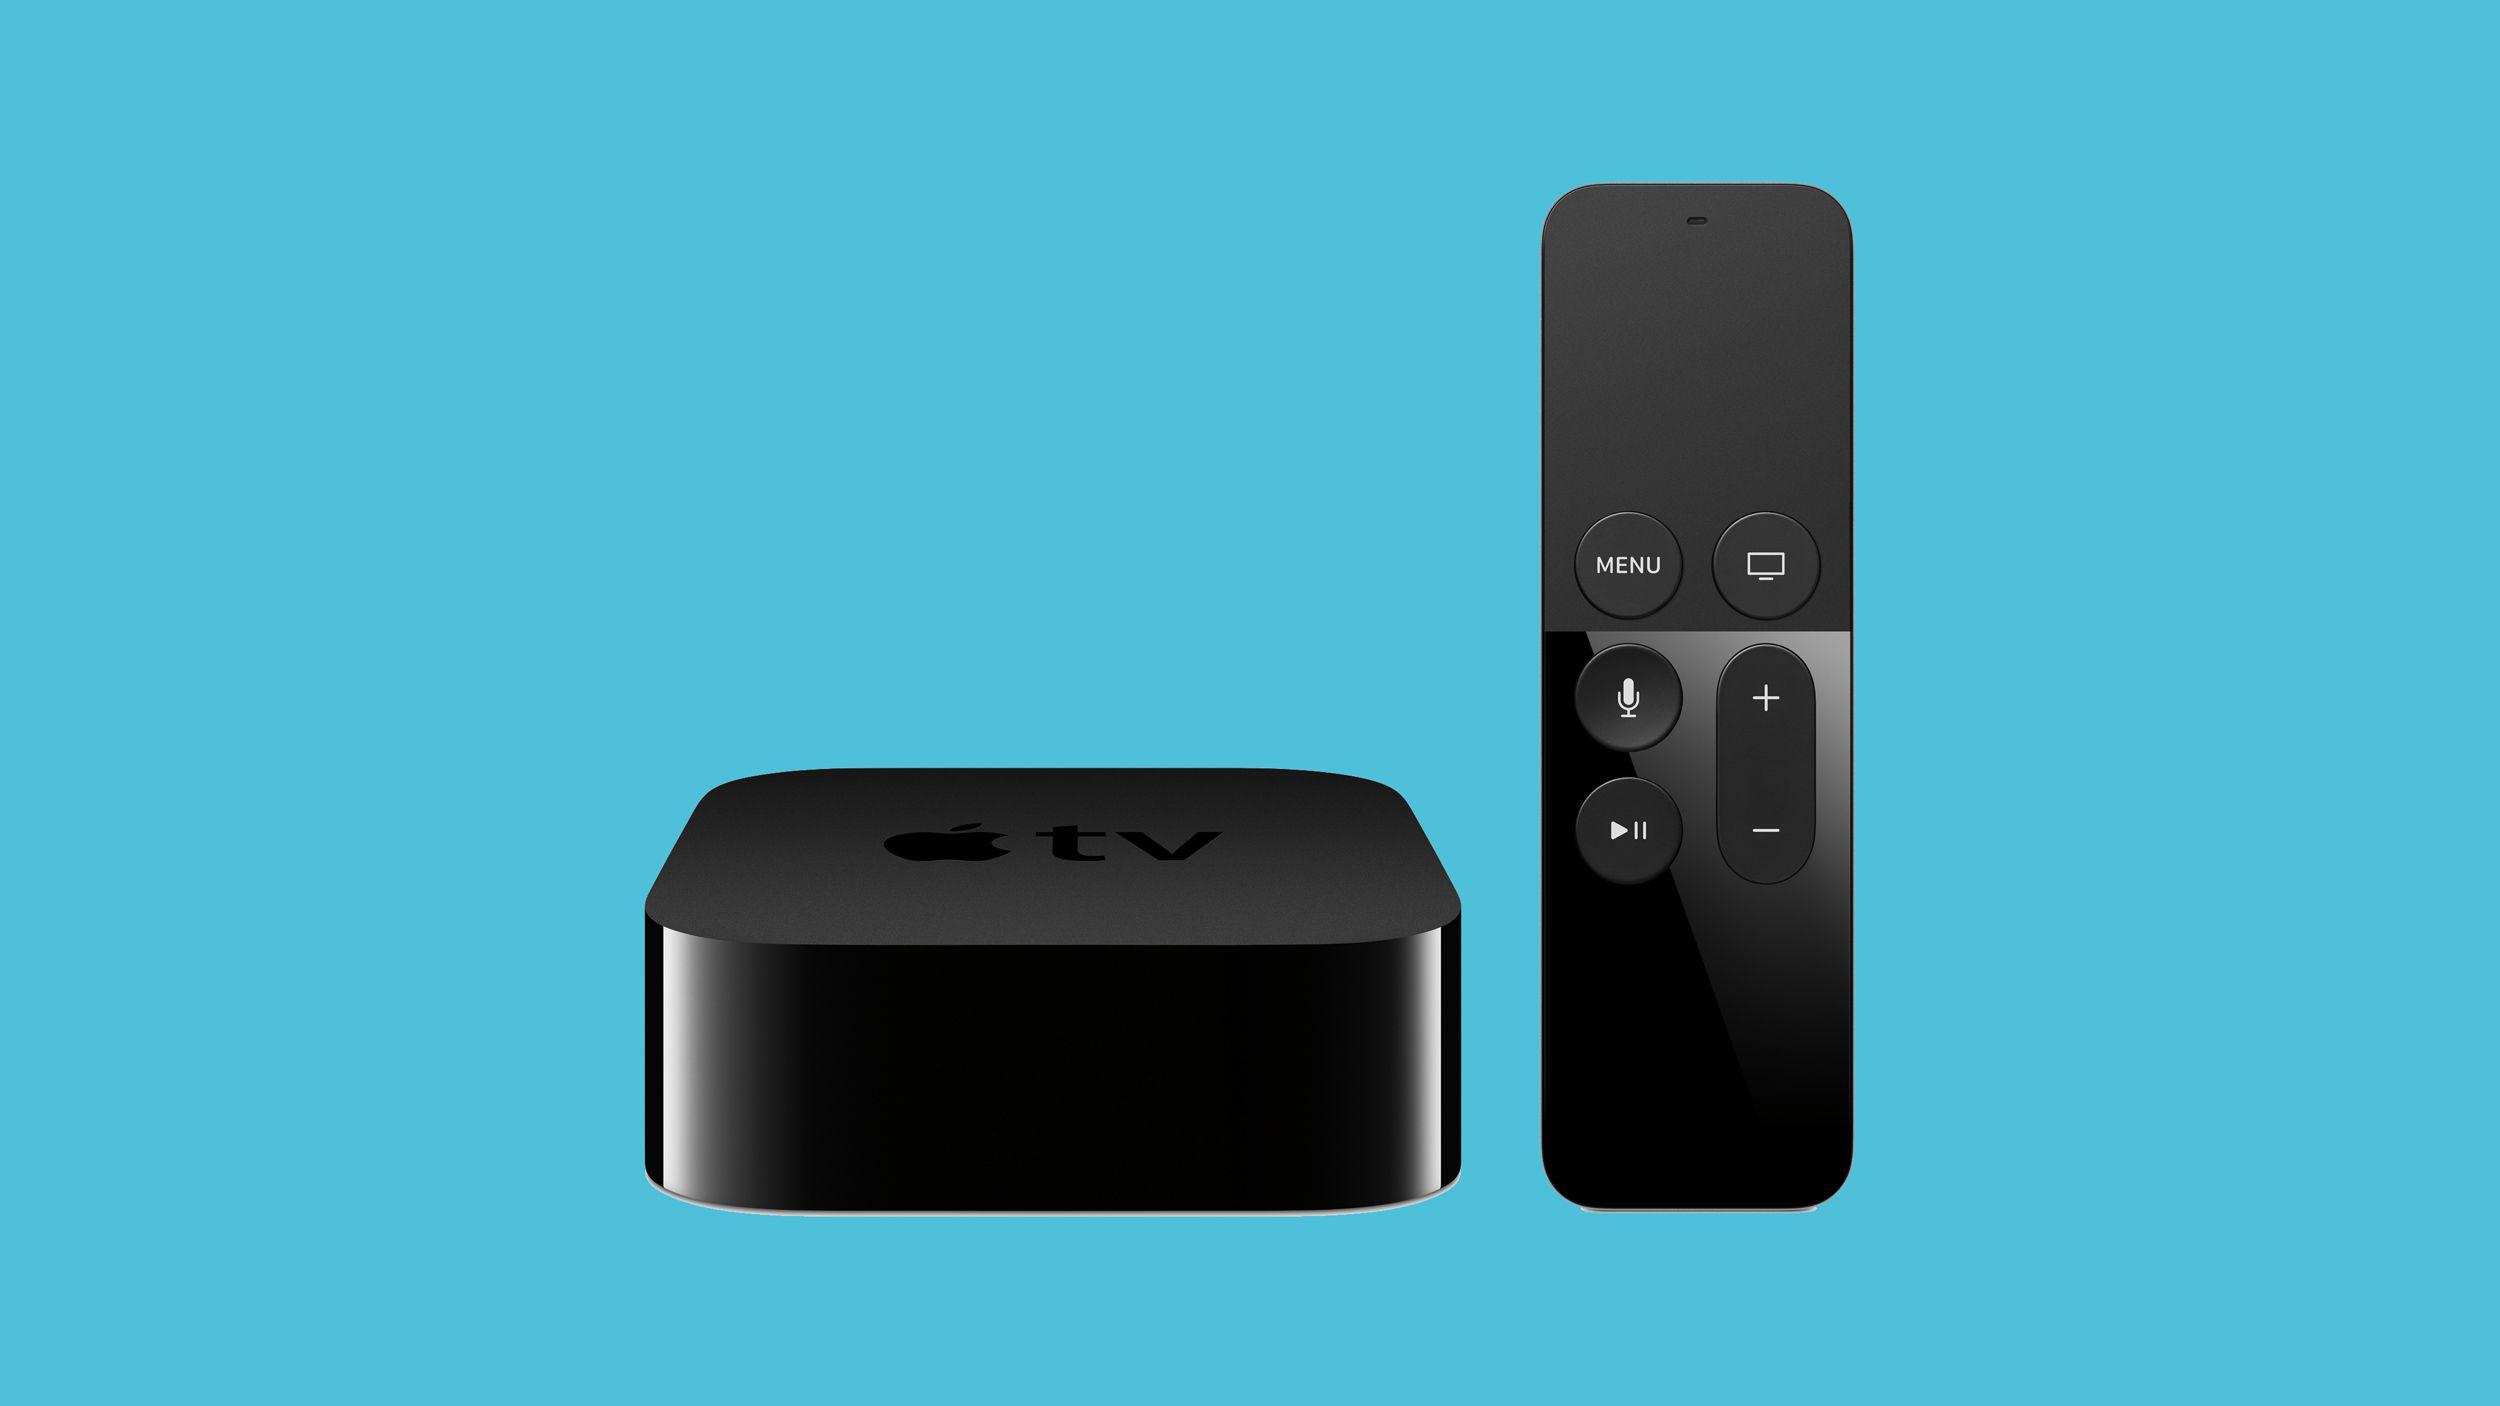 Il nuovo Apple Watch non funzionerà in roaming